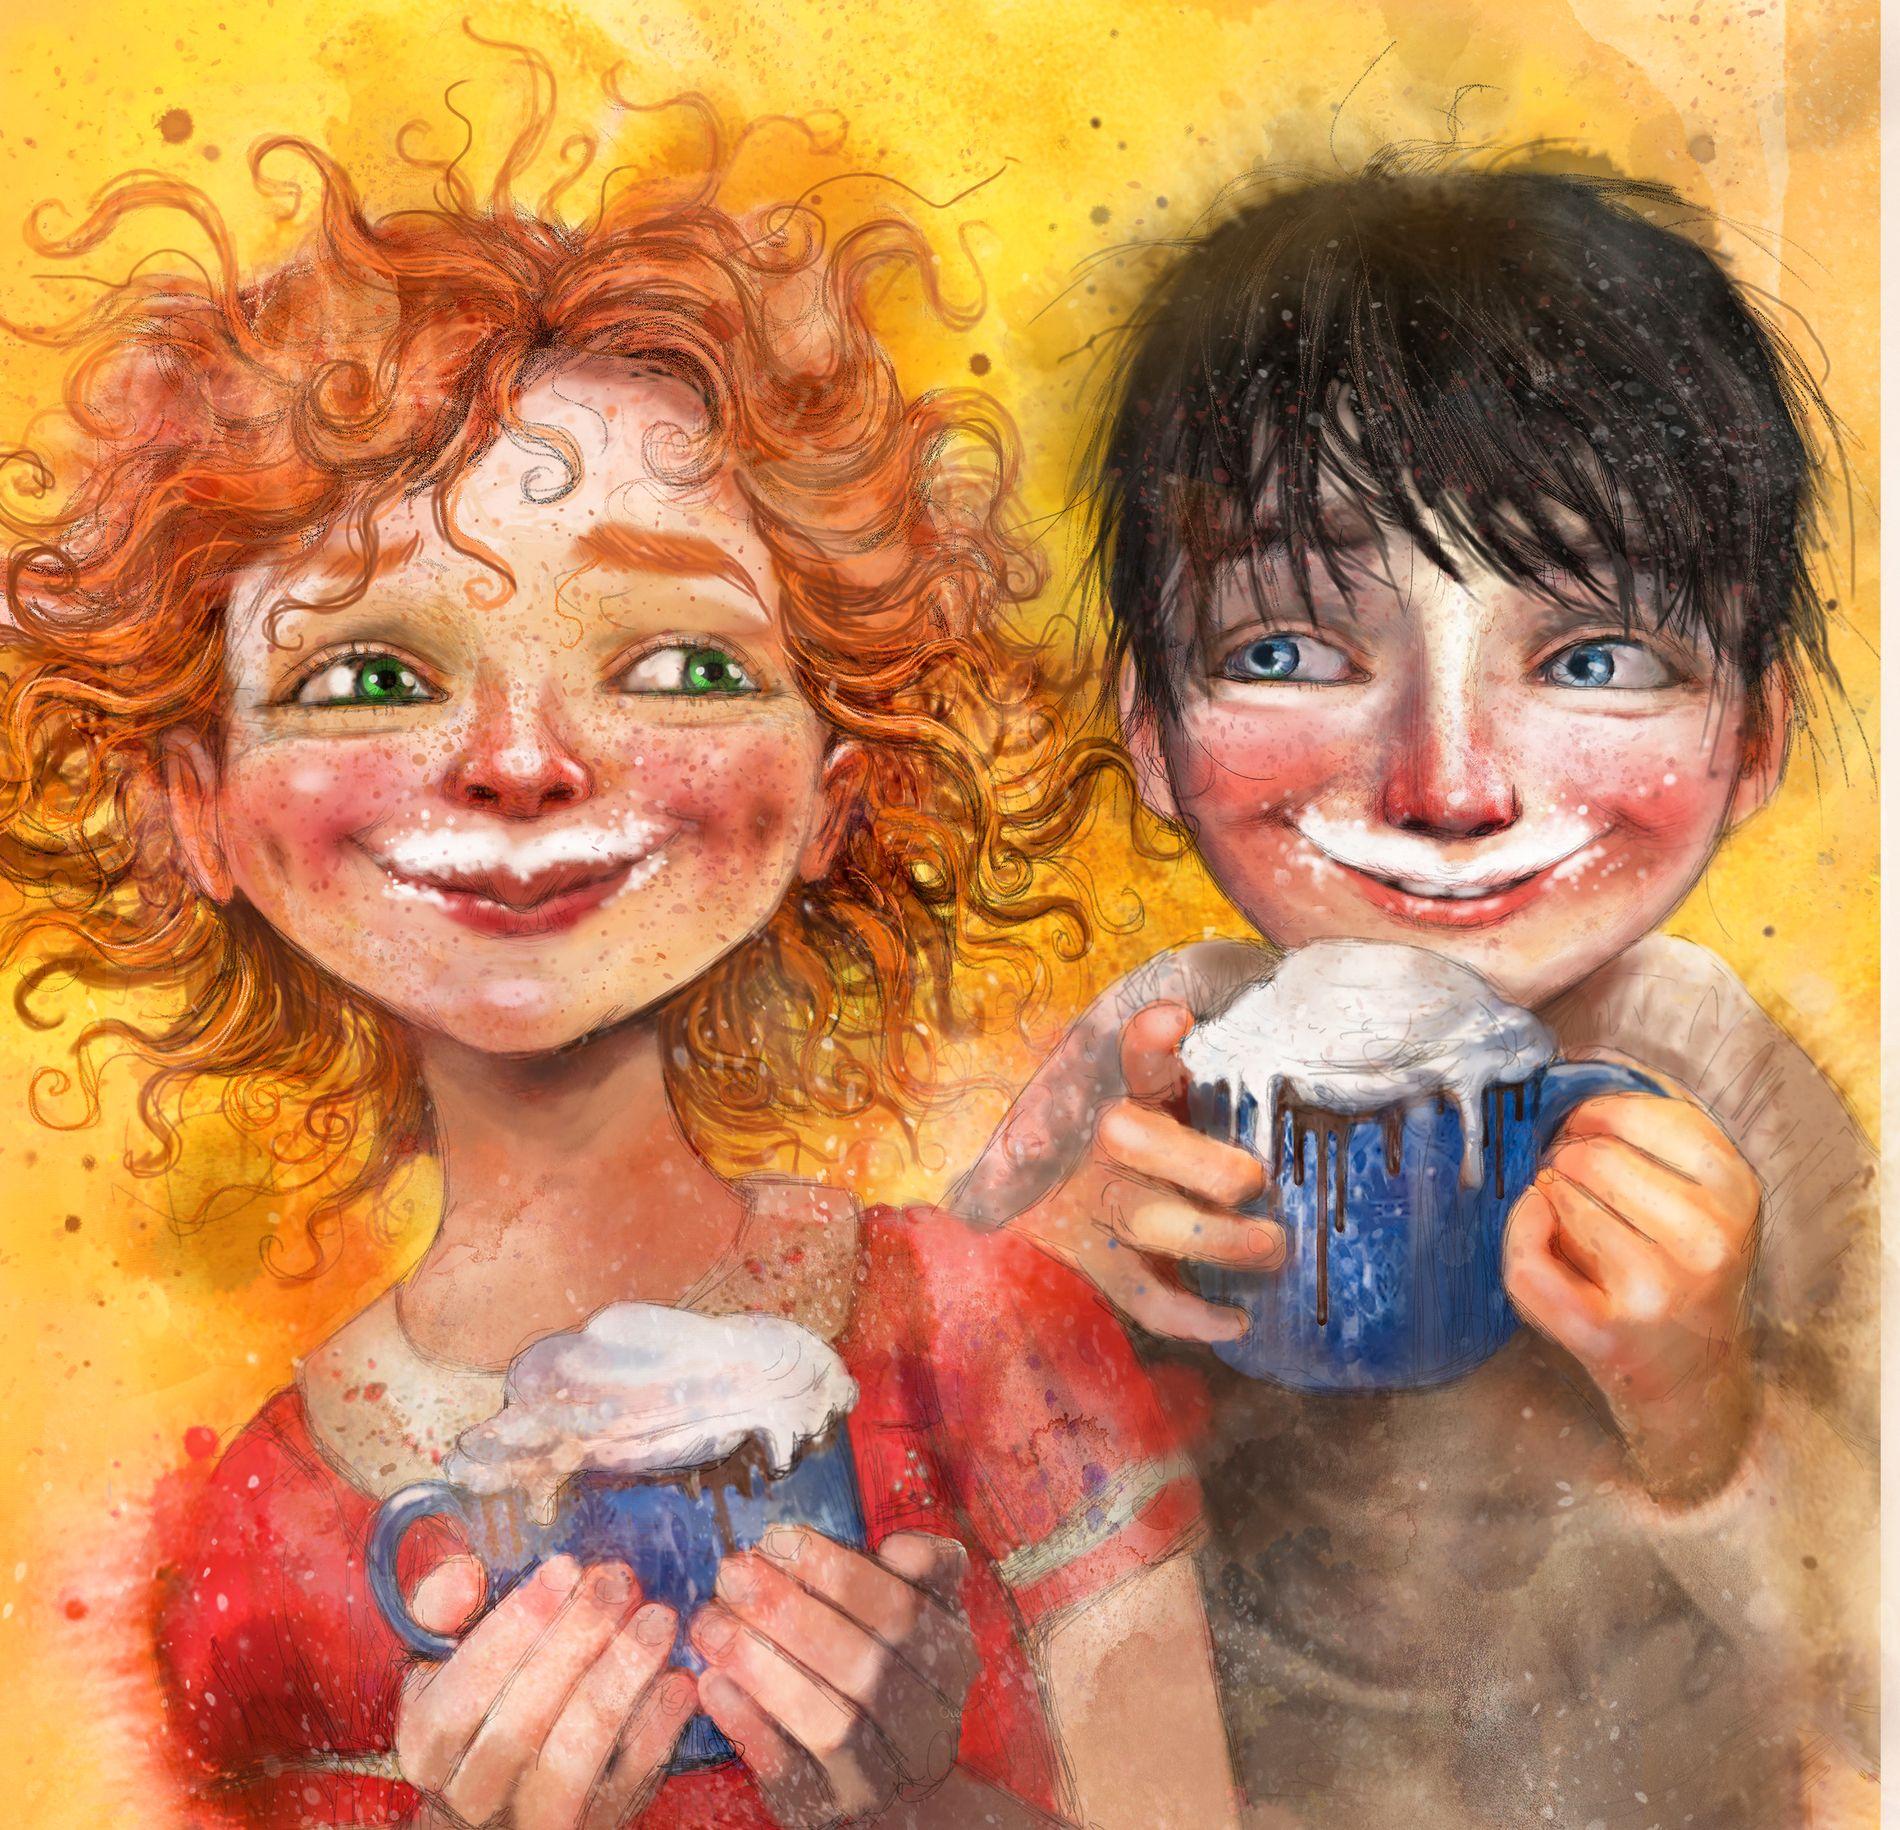 LYS OG MØRKE: Boken«Snøsøsteren»handler om Julian som har bursdag på julaften og derfor alltid har hatt det som sin favorittdag. Men nå er det annerledes, for i sommer døde storesøsteren hans – og midt oppe i den store sorgen er han redd for at julen i år er avlyst. Men så møter han juleelskeren Hedvig.